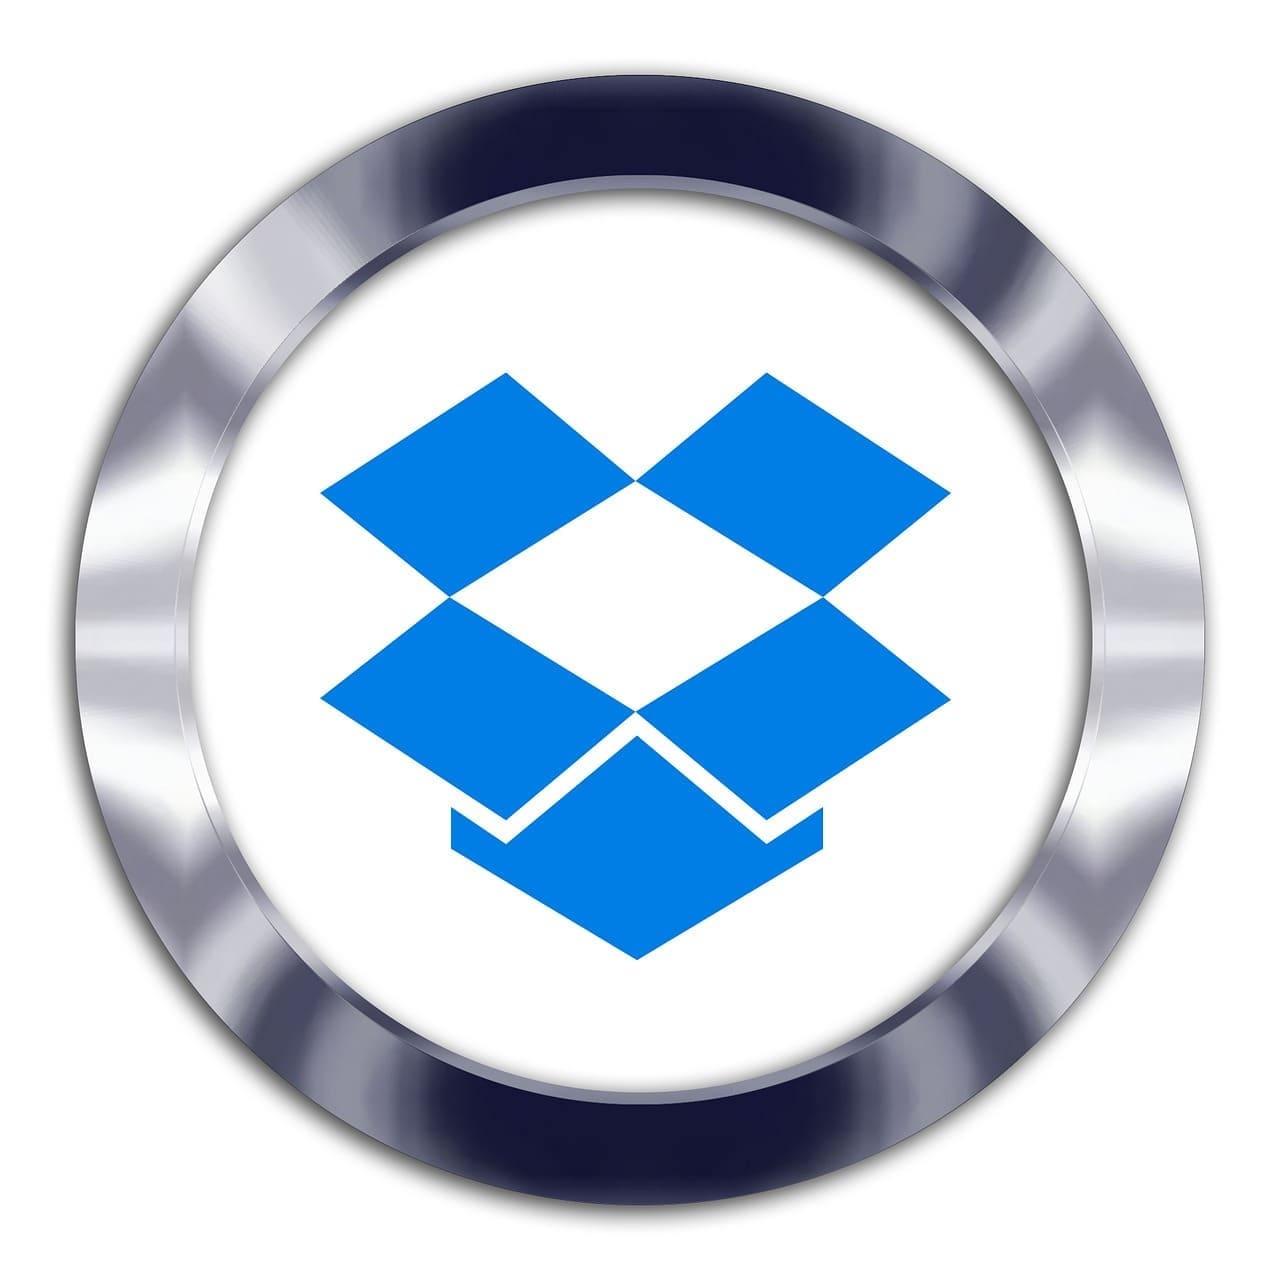 Windows10:Dropboxのダウンロード&インストールから設定まで解説!